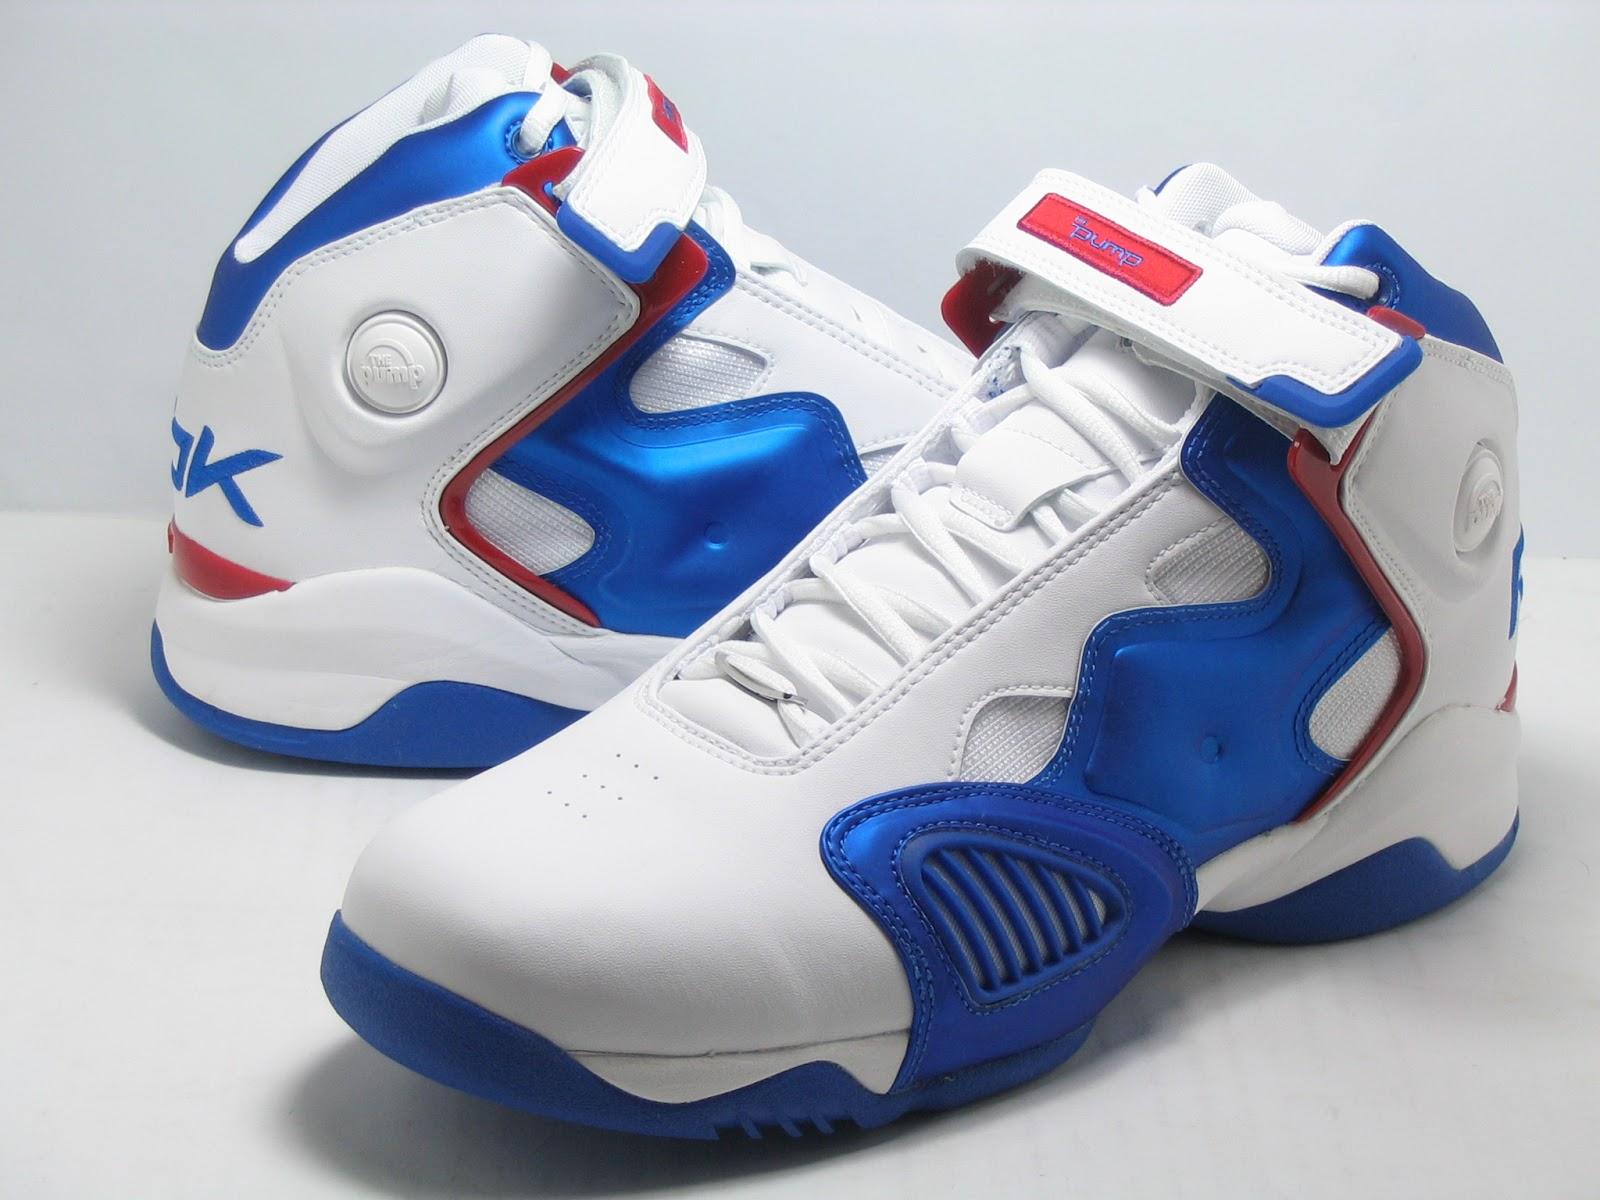 Reebok Pump White Shoes